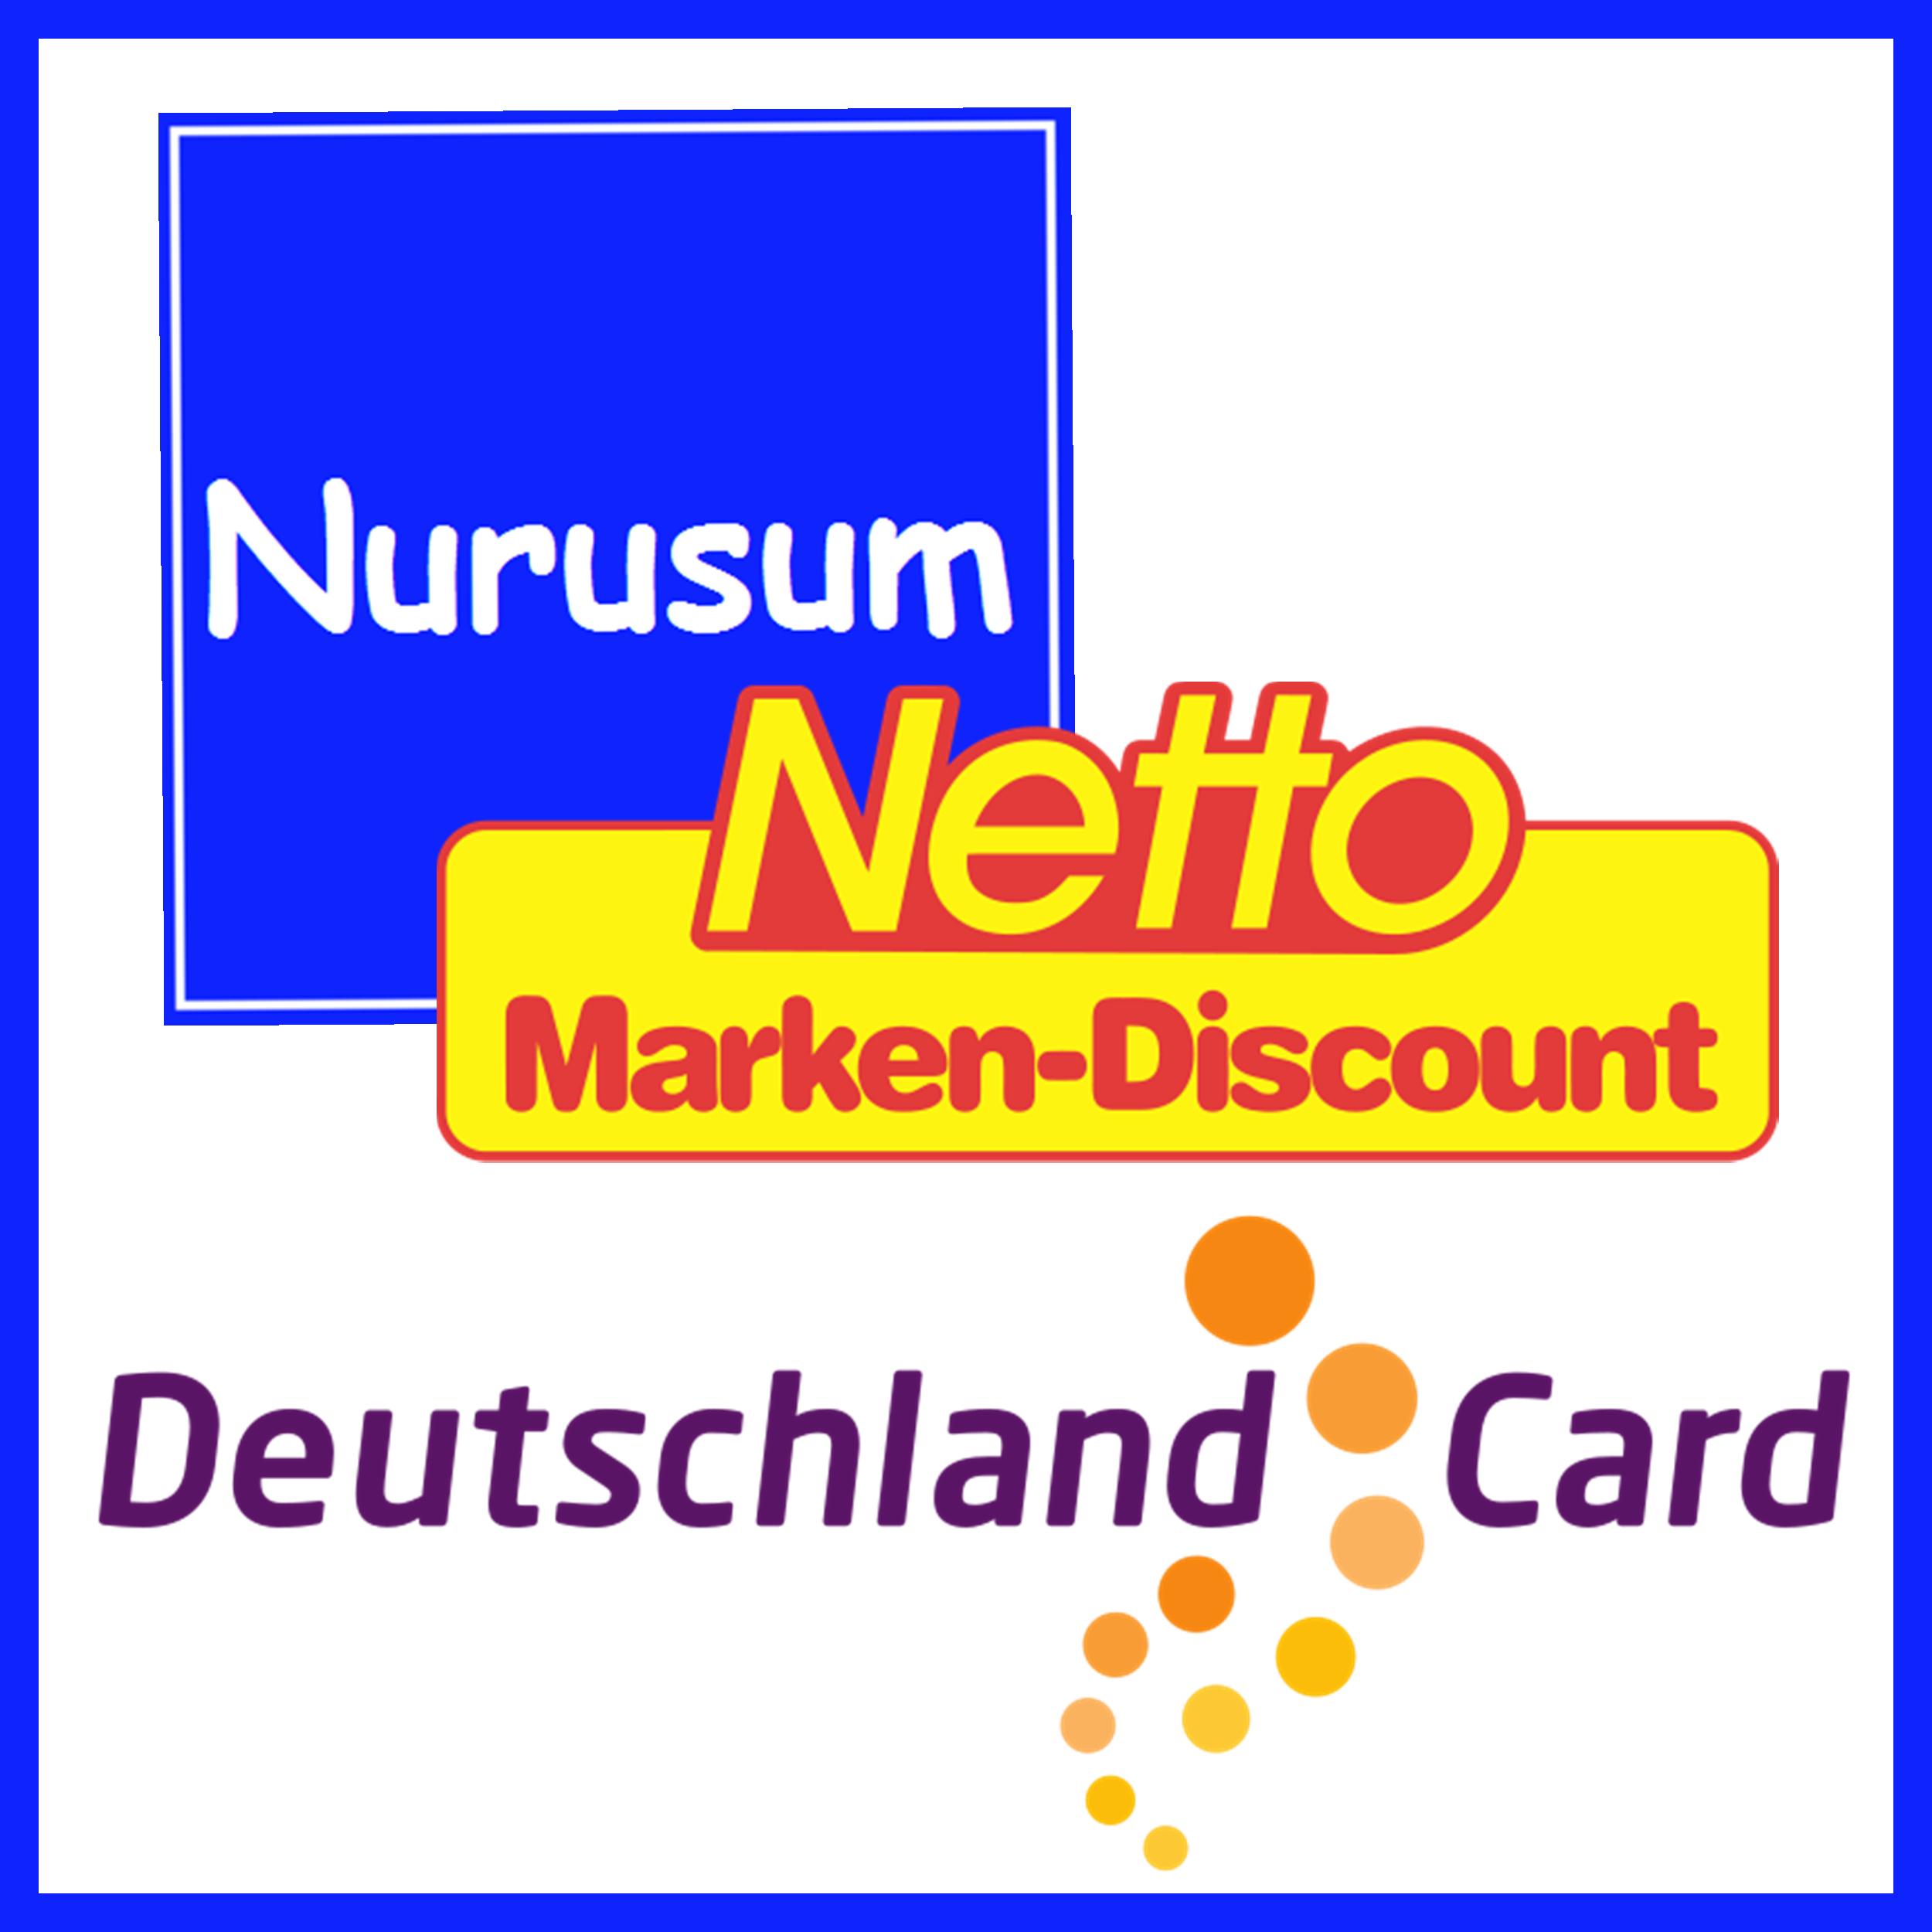 20% Rabatt auf einen Artikel Ihrer Wahl bei Netto Marken-Discount bis zum 12.11.2016